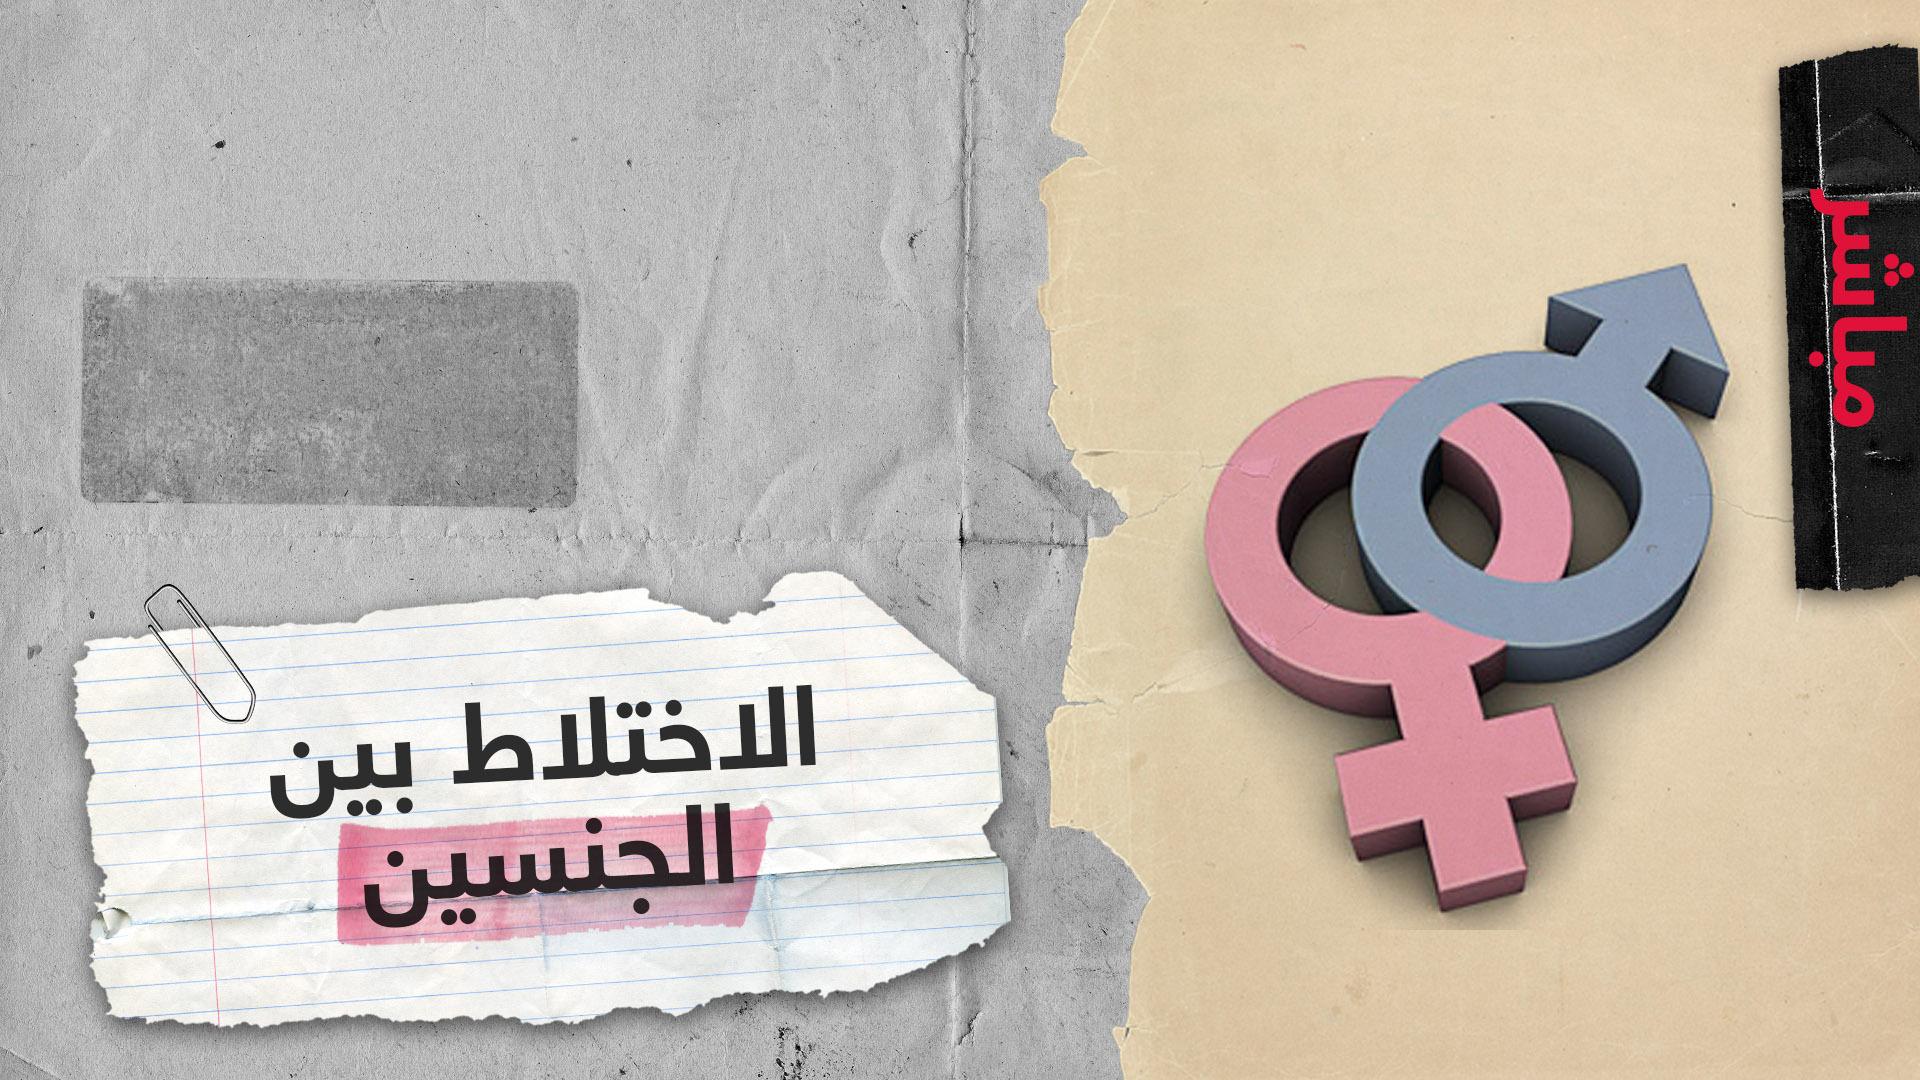 الاختلاط بين الجنسين في السعودية.. خطوات  رسمية لتخفيف القيود ومجتمع منقسم